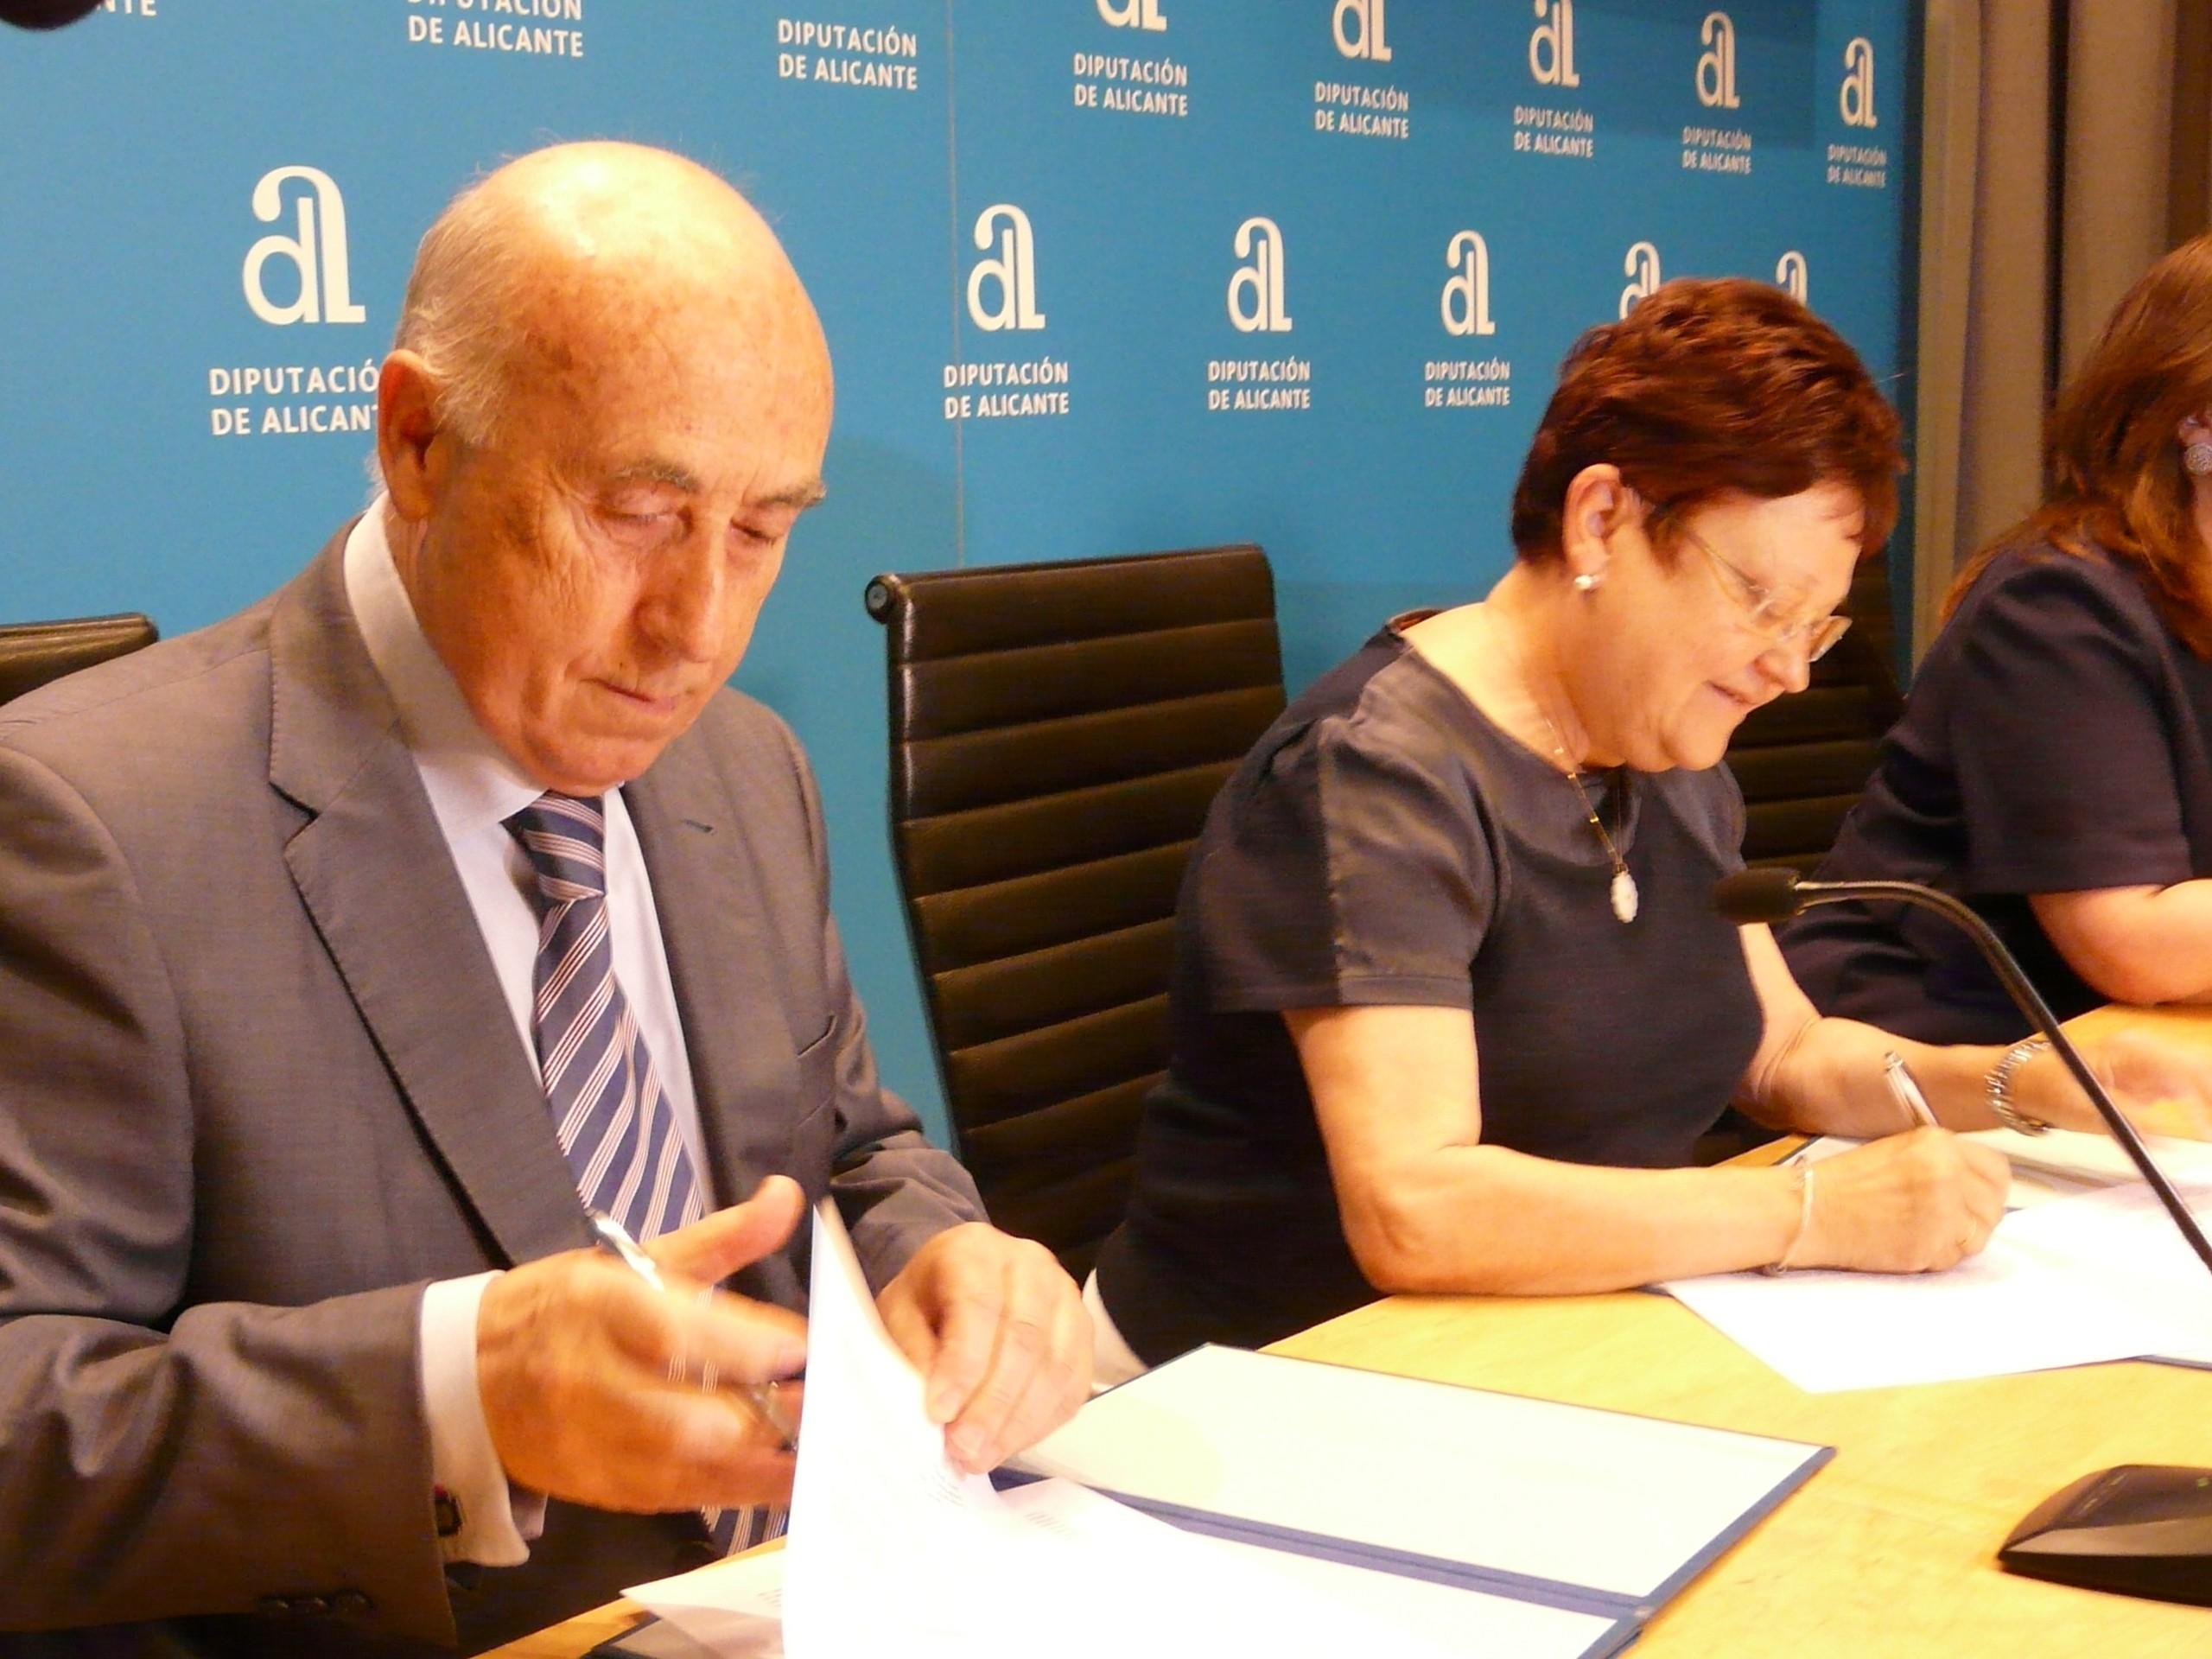 Convenio con la Diputación de Alicante